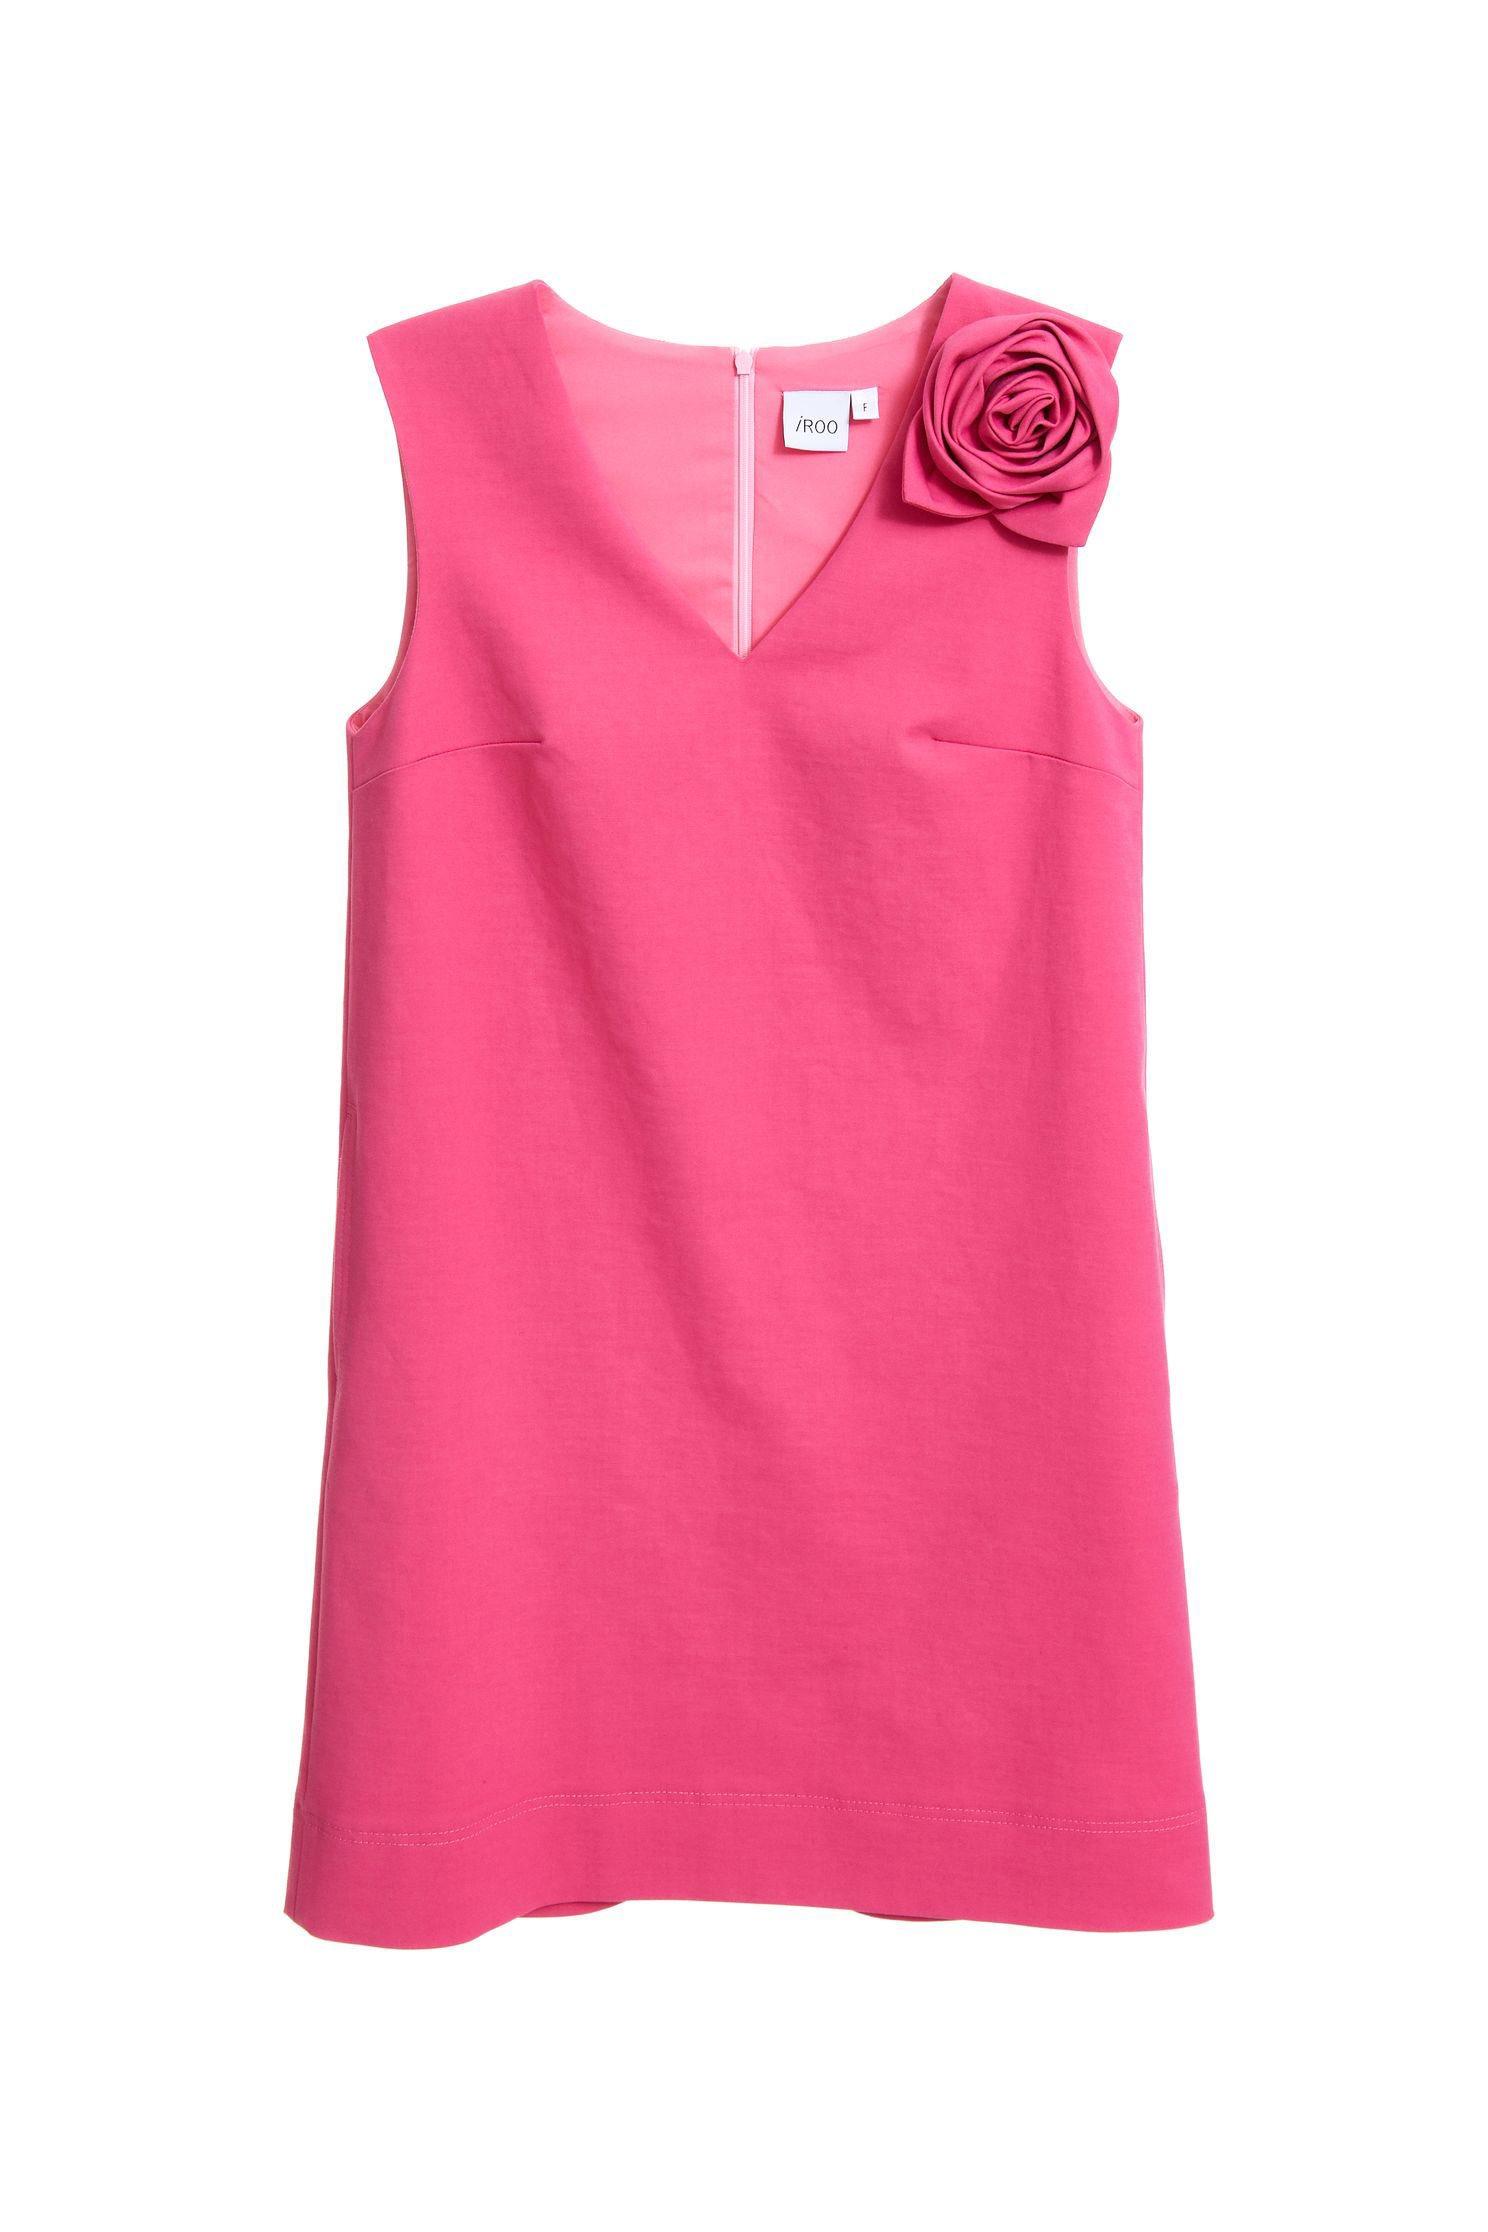 Elegantly decorated sleeveless dress